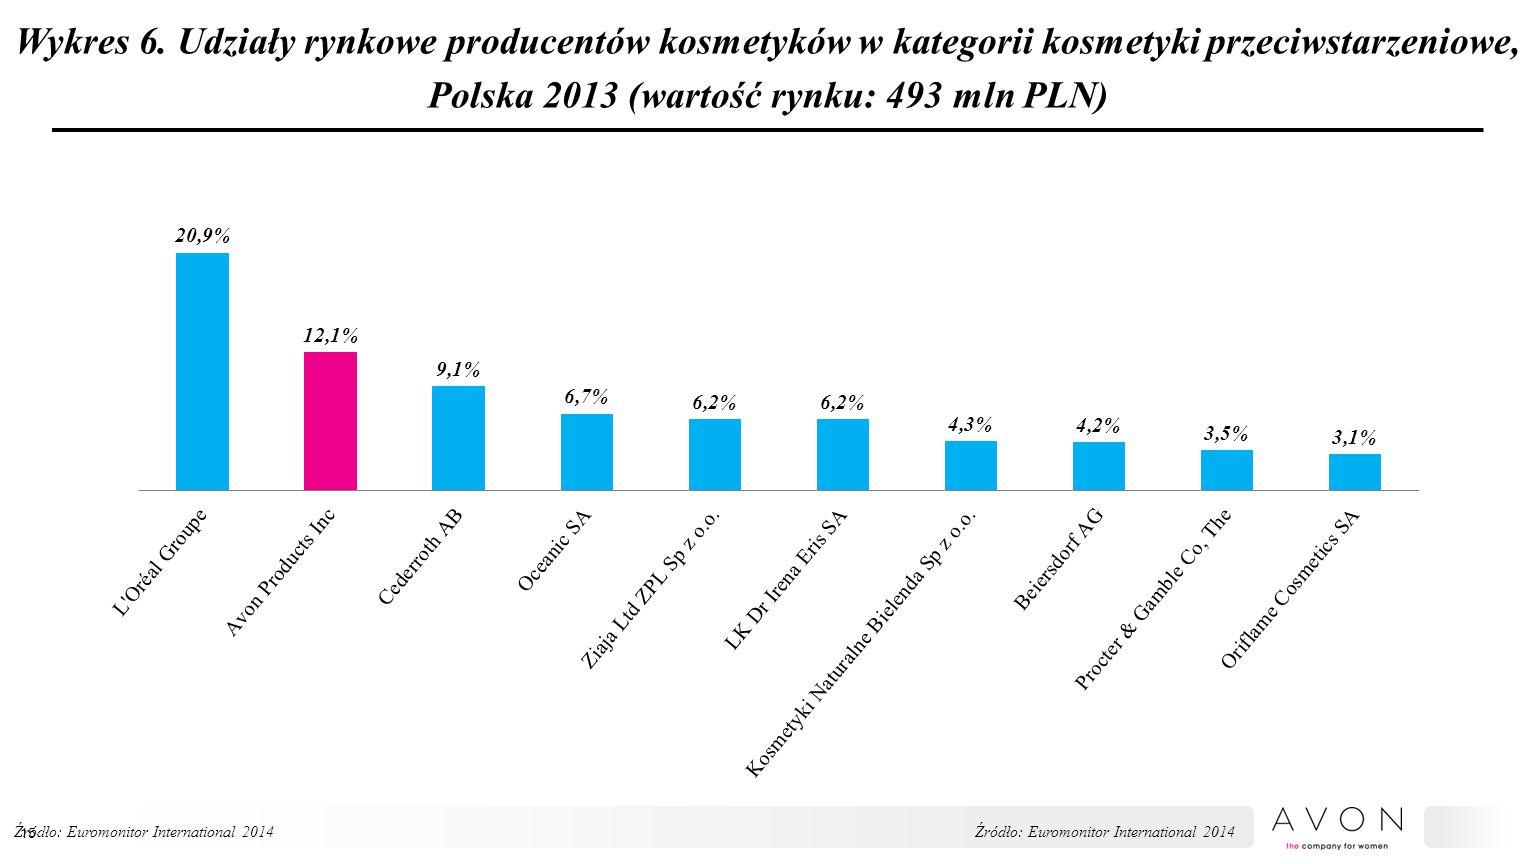 Wykres 6. Udziały rynkowe producentów kosmetyków w kategorii kosmetyki przeciwstarzeniowe, Polska 2013 (wartość rynku: 493 mln PLN)